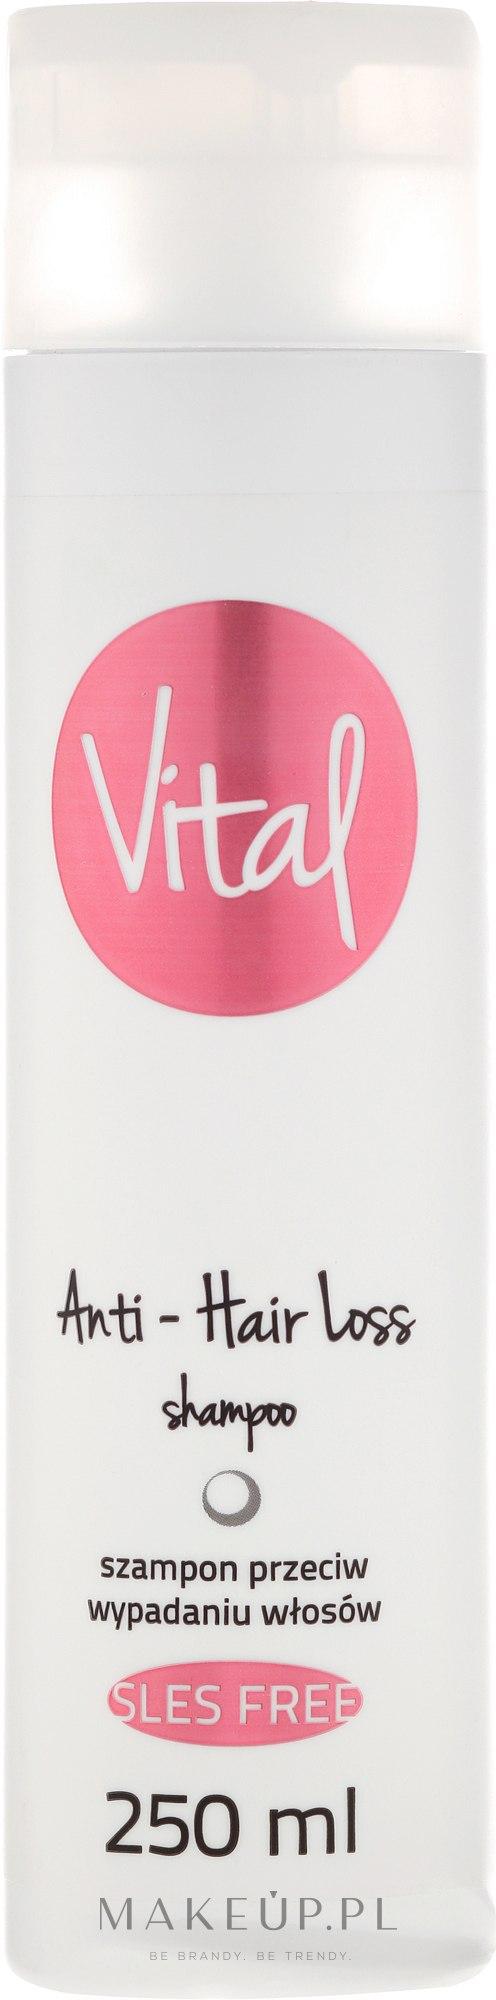 Szampon do włosów - Stapiz Vital Anti Hair Loss Shampoo — фото 250 ml